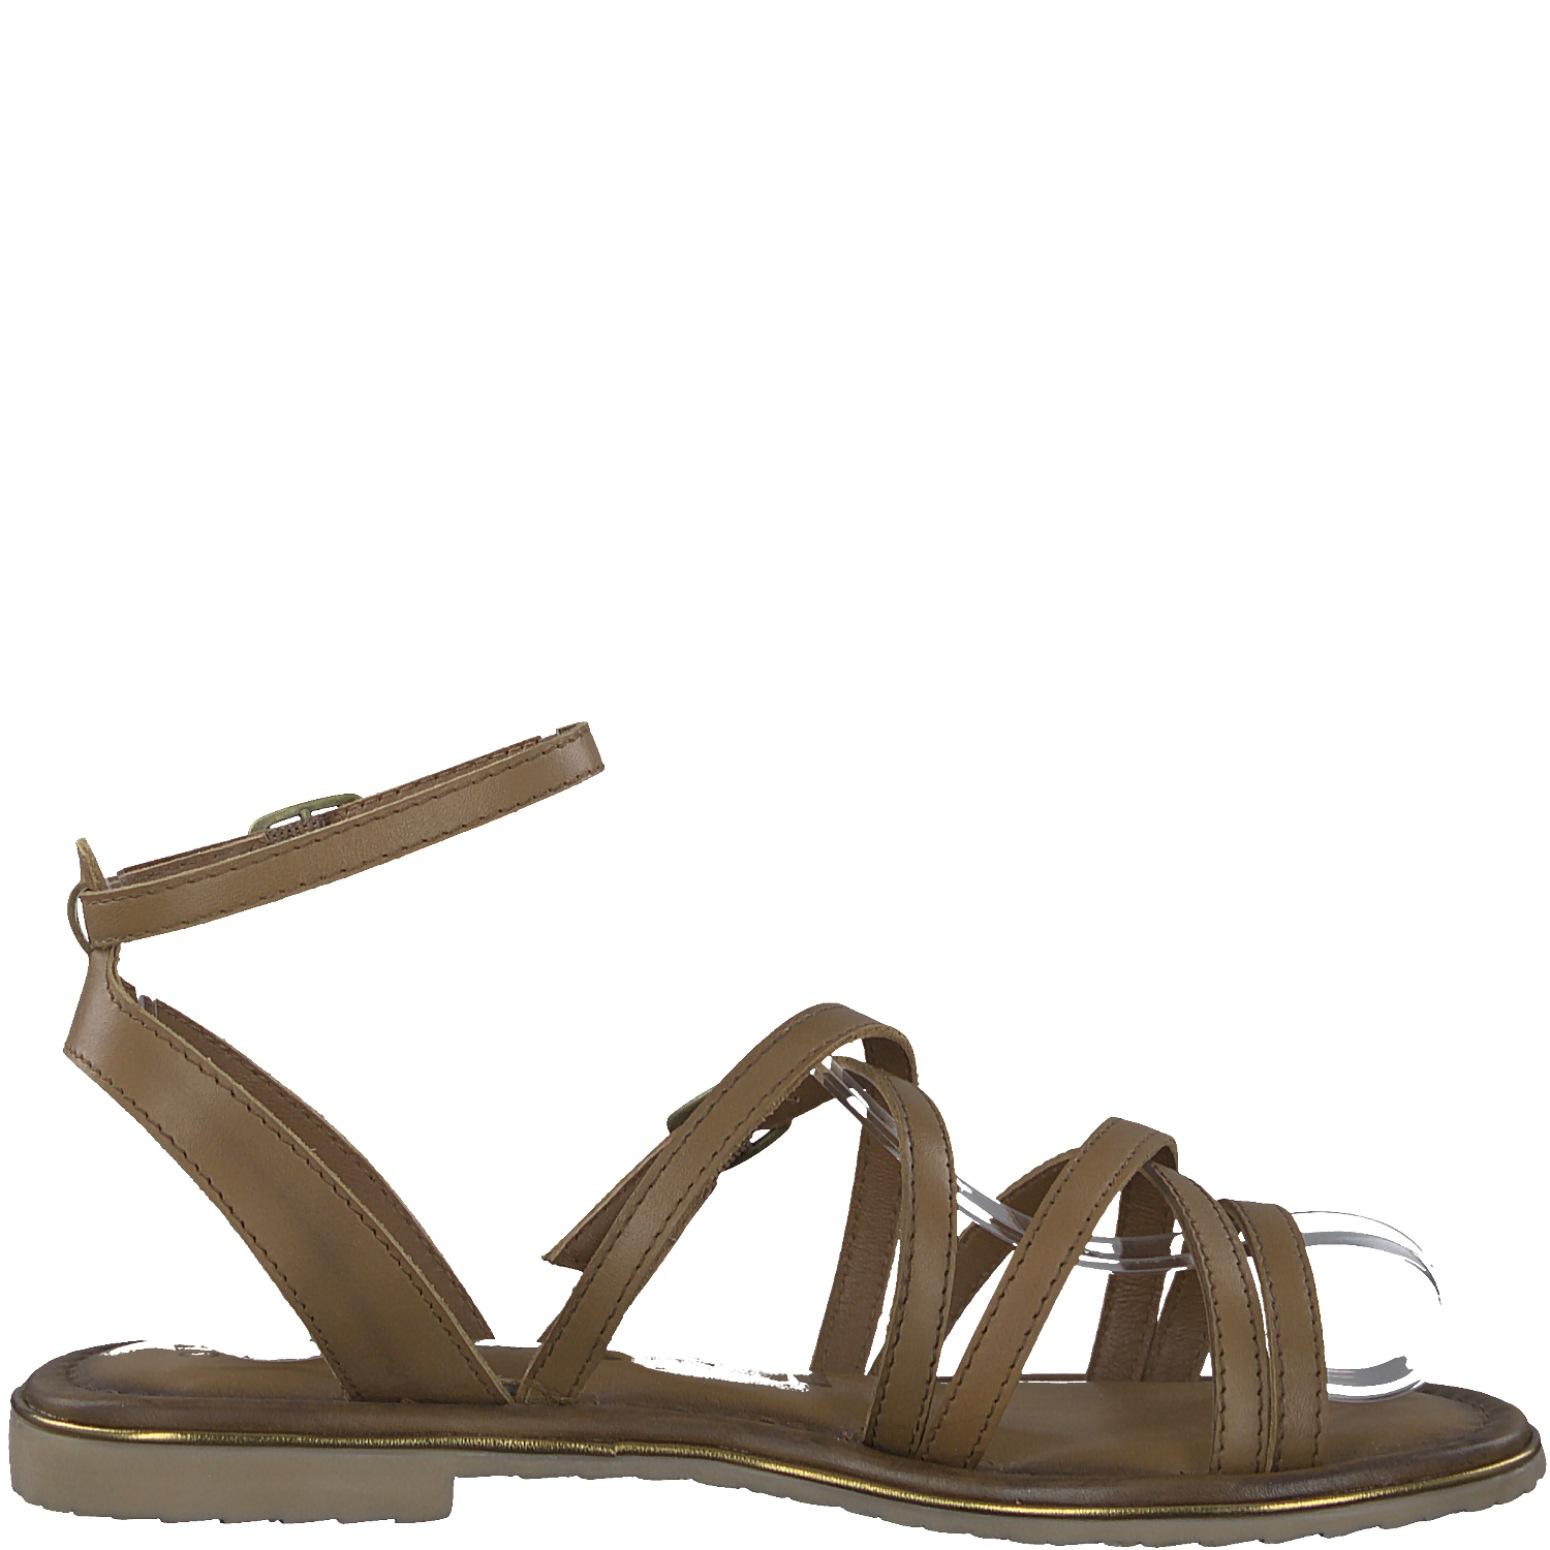 Tamaris 1 28173 32 Damen Schuhe Riemchen Sandaletten Sandalen